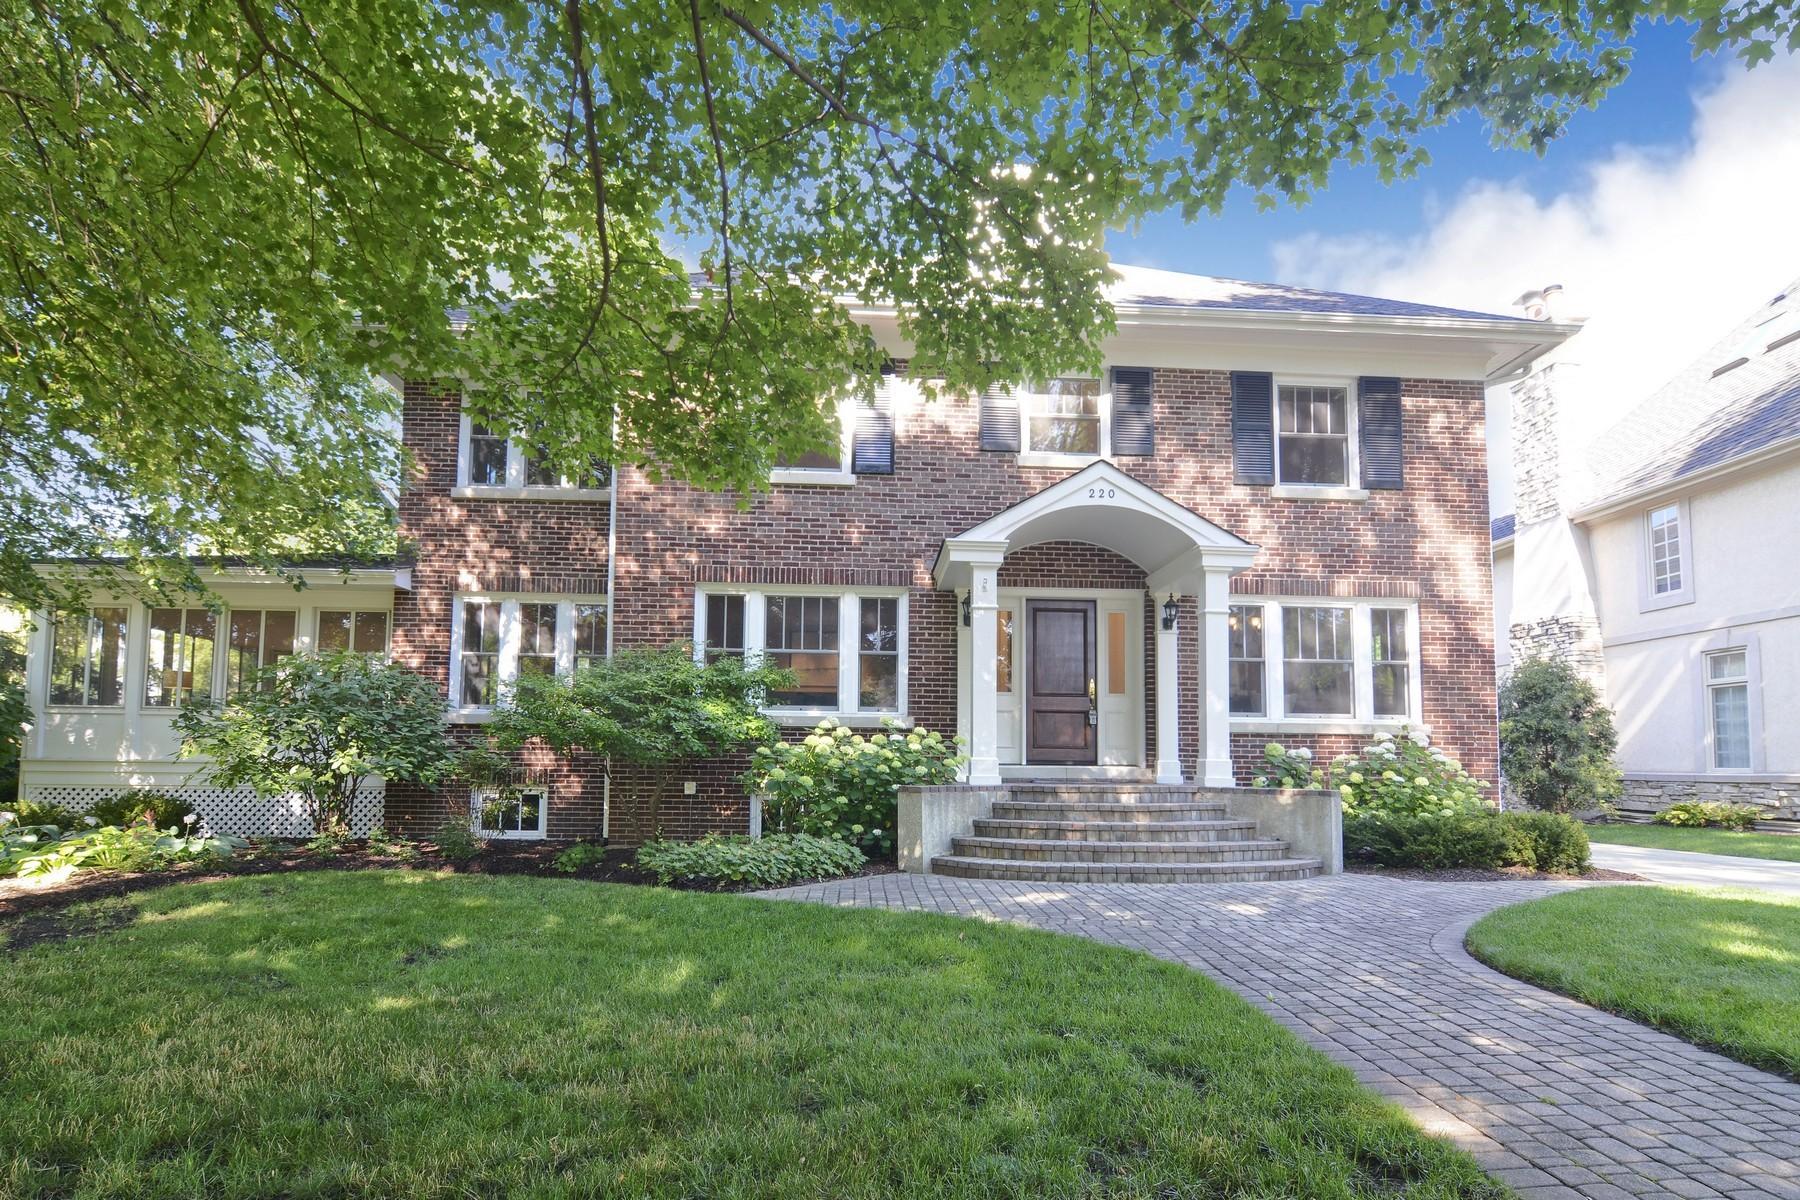 Casa para uma família para Venda às 220 N Lincoln 220 N. Lincoln Hinsdale, Illinois, 60521 Estados Unidos